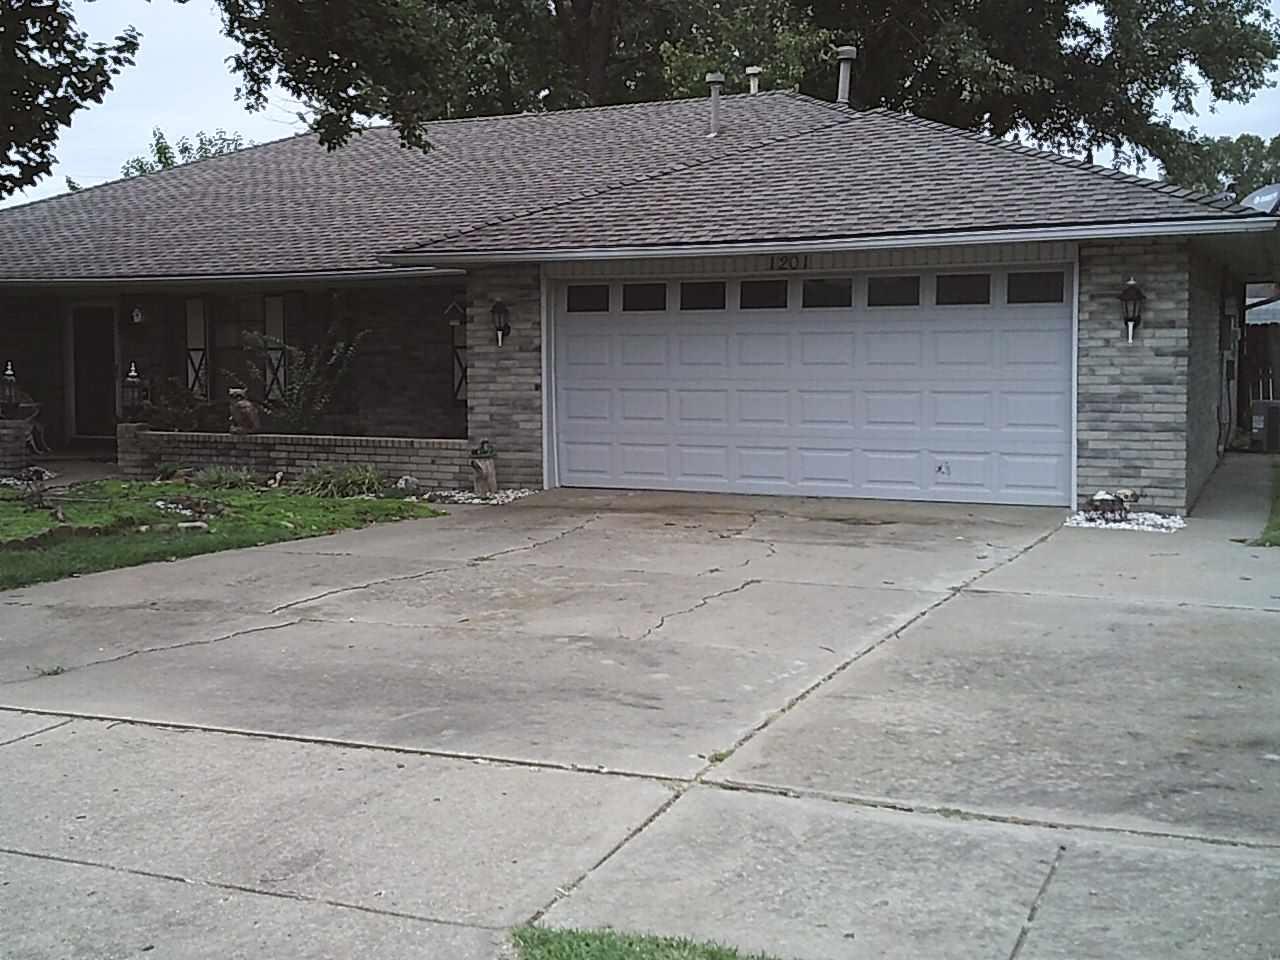 #century21groupone,#homesforsaleponcacity,#poncacityrealestate | 1201 Princeton  Ponca City, OK 74601 2